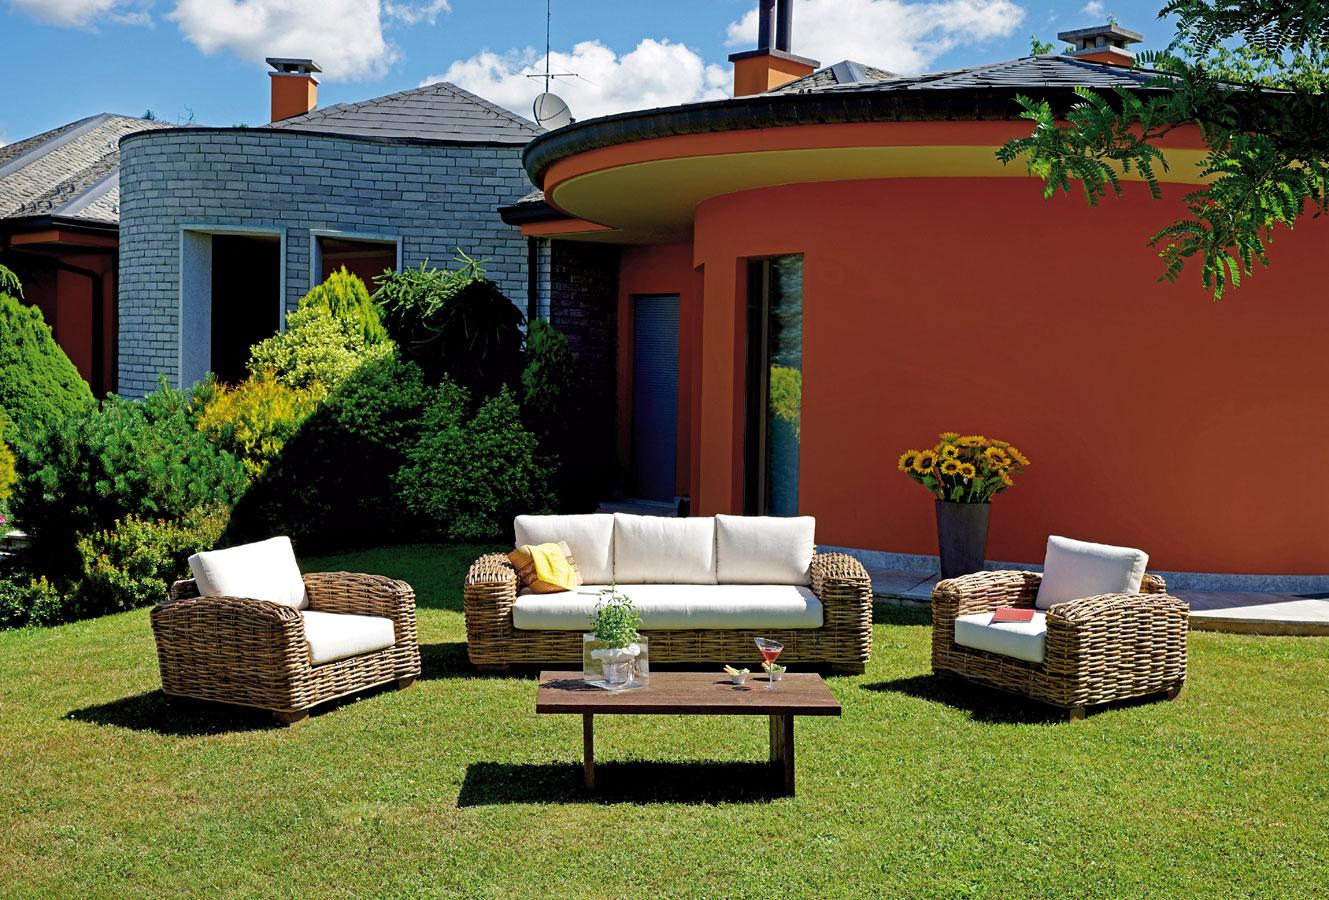 Pes10 mobili da giardino roma for Offerte arredo giardino roma